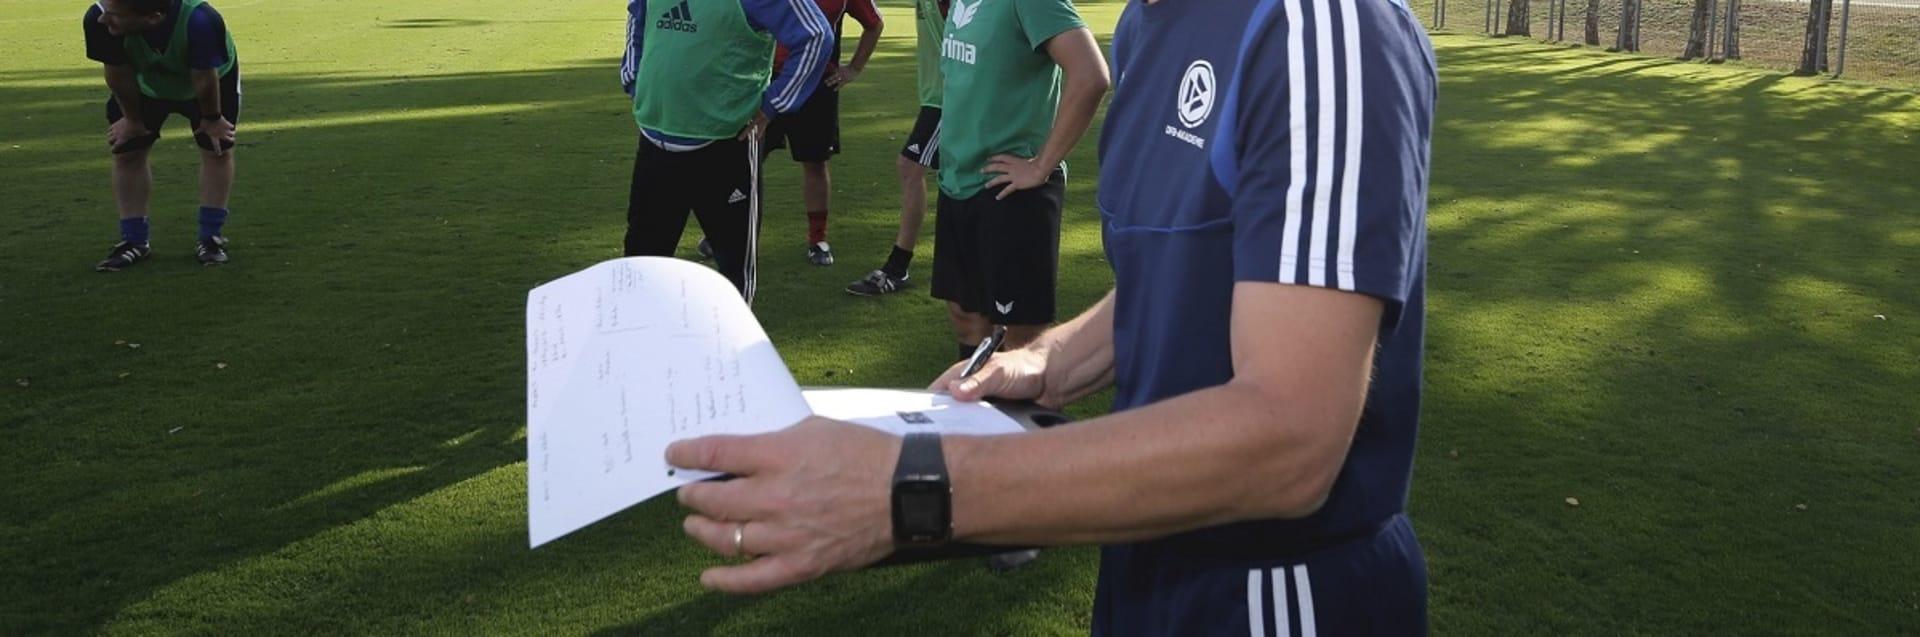 Maik Halemeier leitet eine Trainingseinheit während der Fortbildung der DFB-Elite-Jugend-Lizenz.